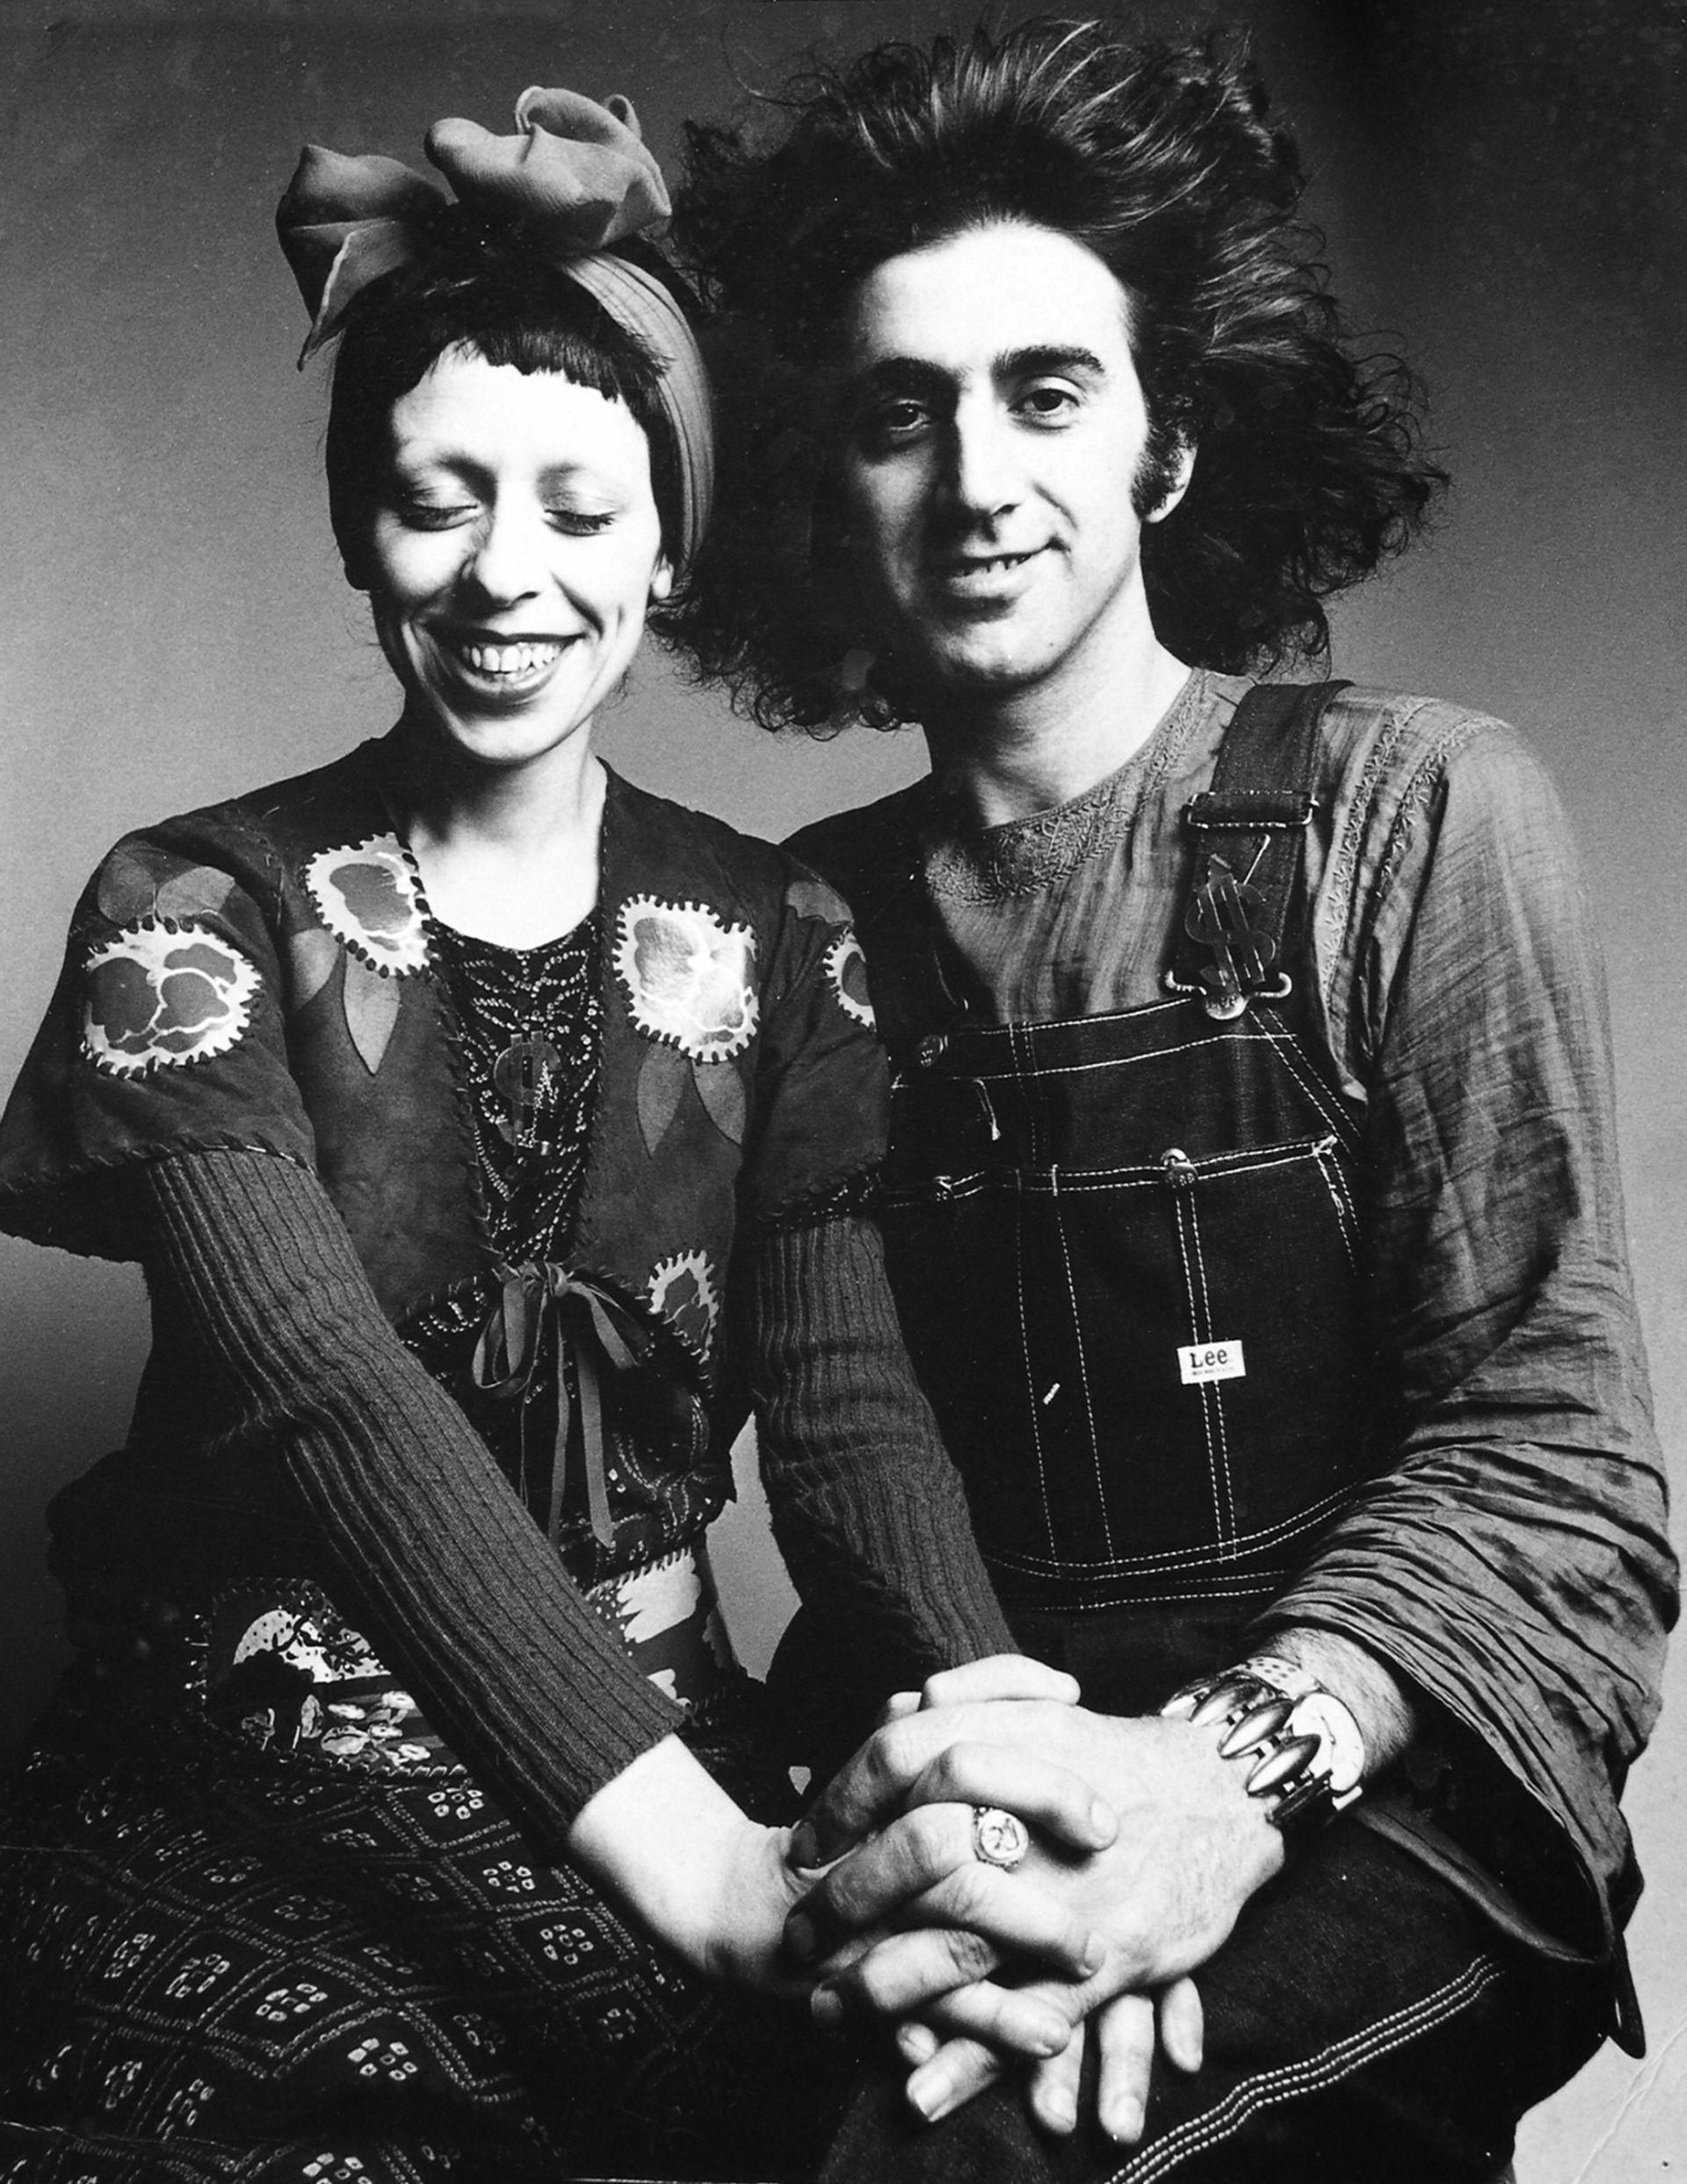 Palo y Delia en Vogue, retratados por Barry Lategan. Fue el primer dúo de la plástica argentina